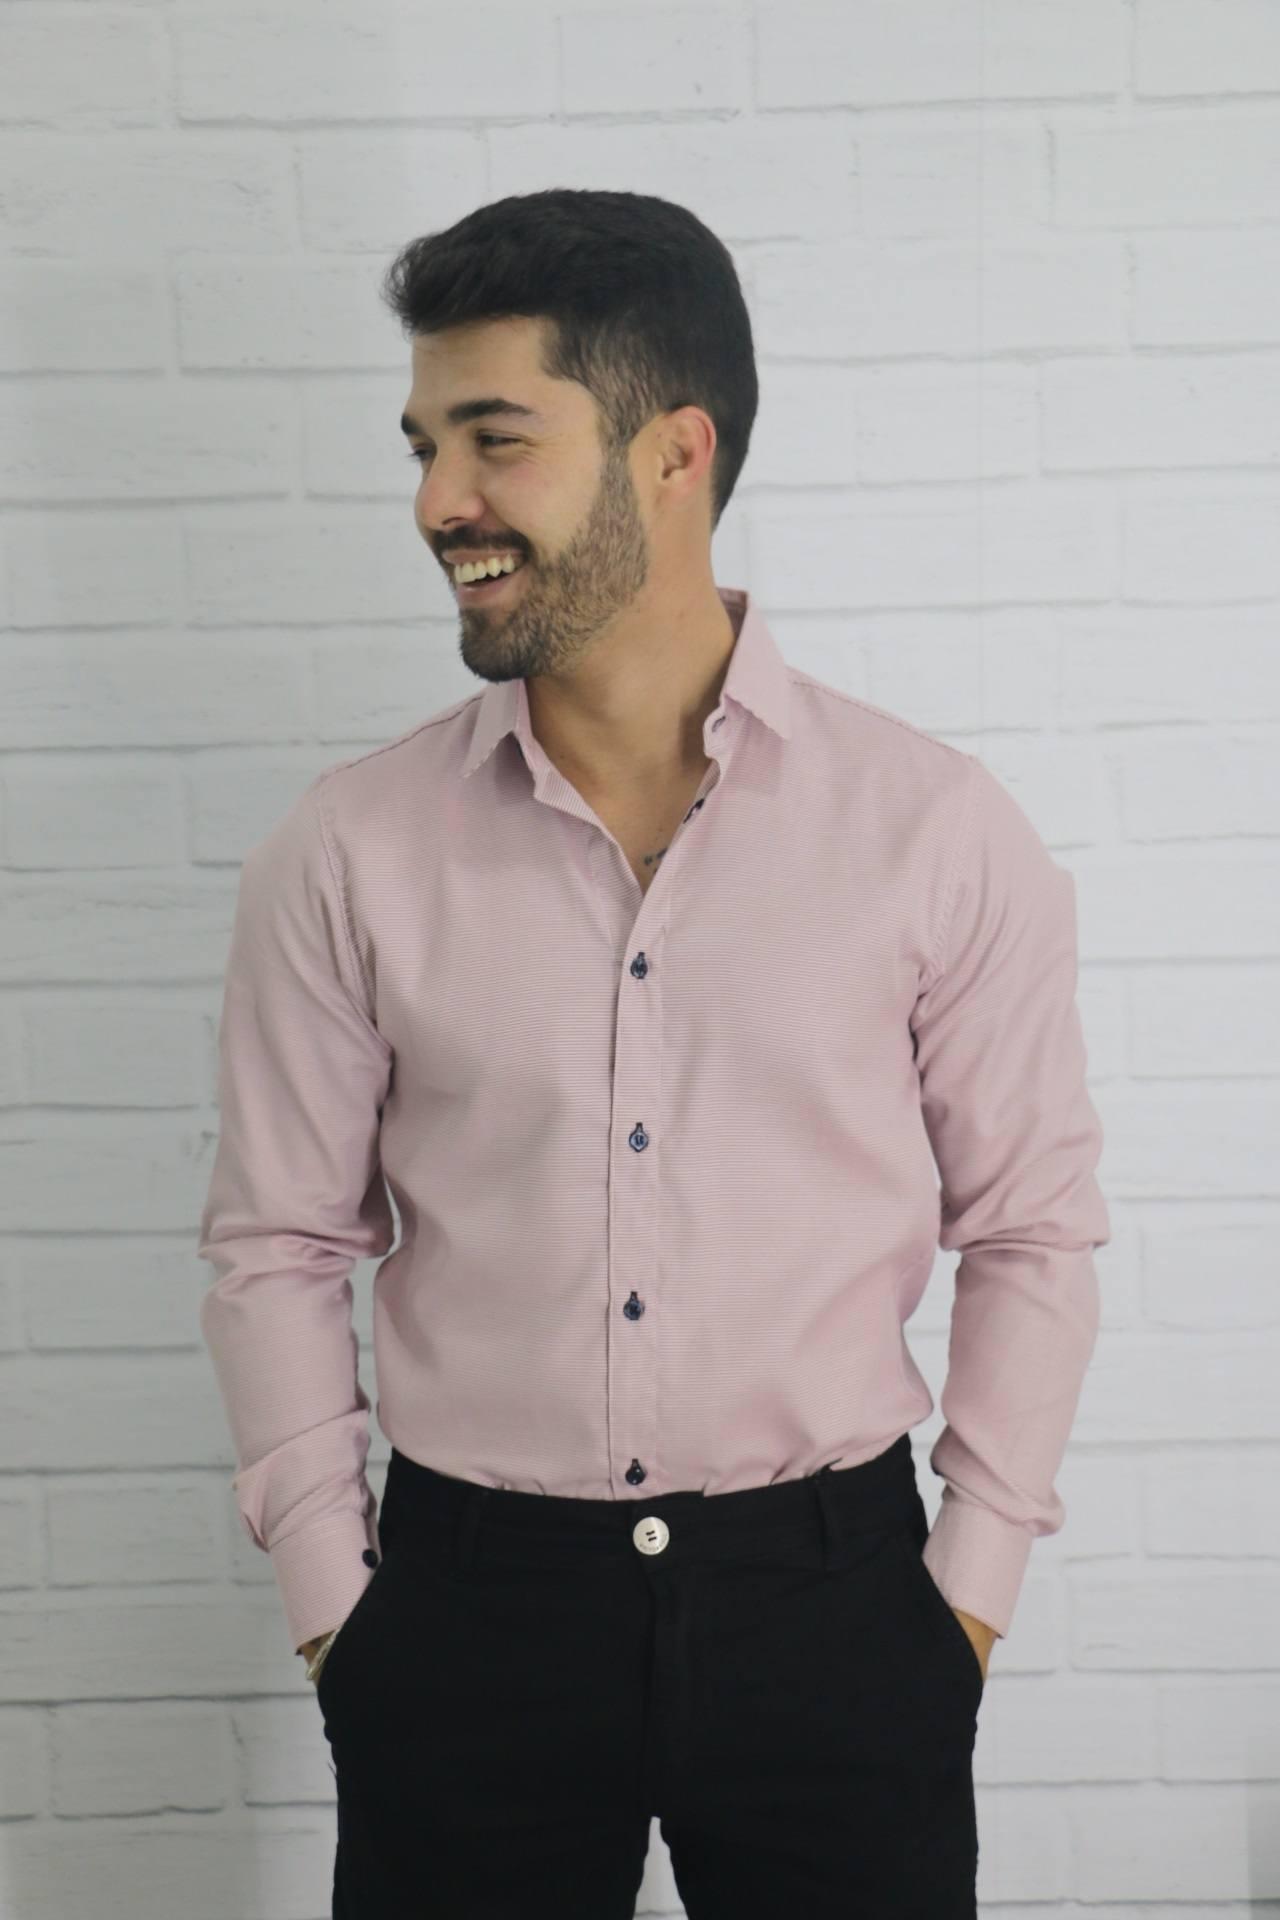 Camisa Manga Longa Premium Diúlly Modas